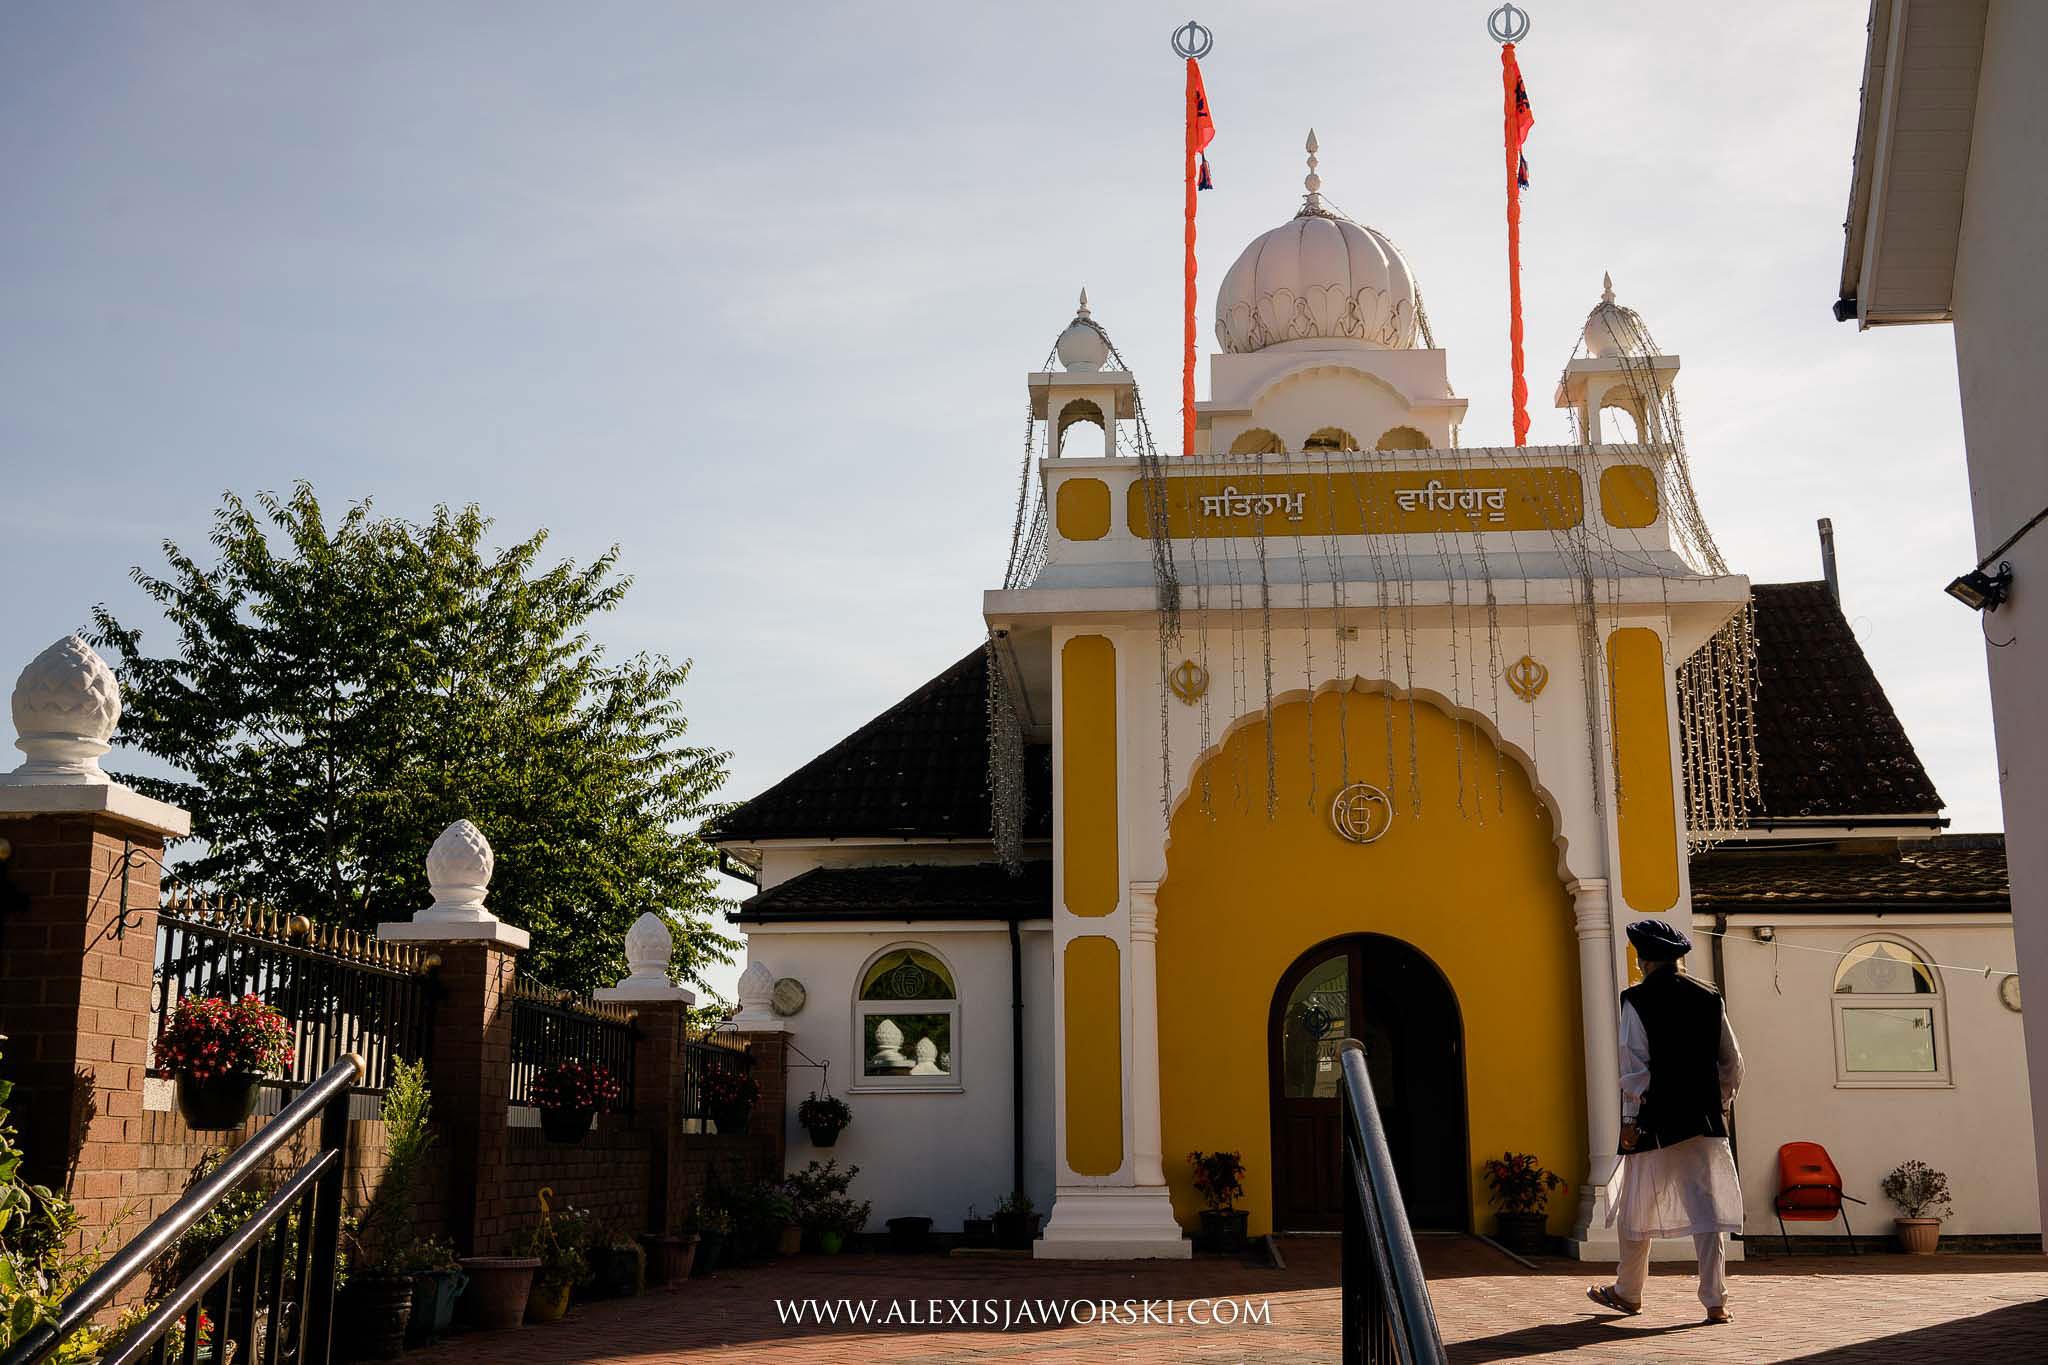 View of the gurwara